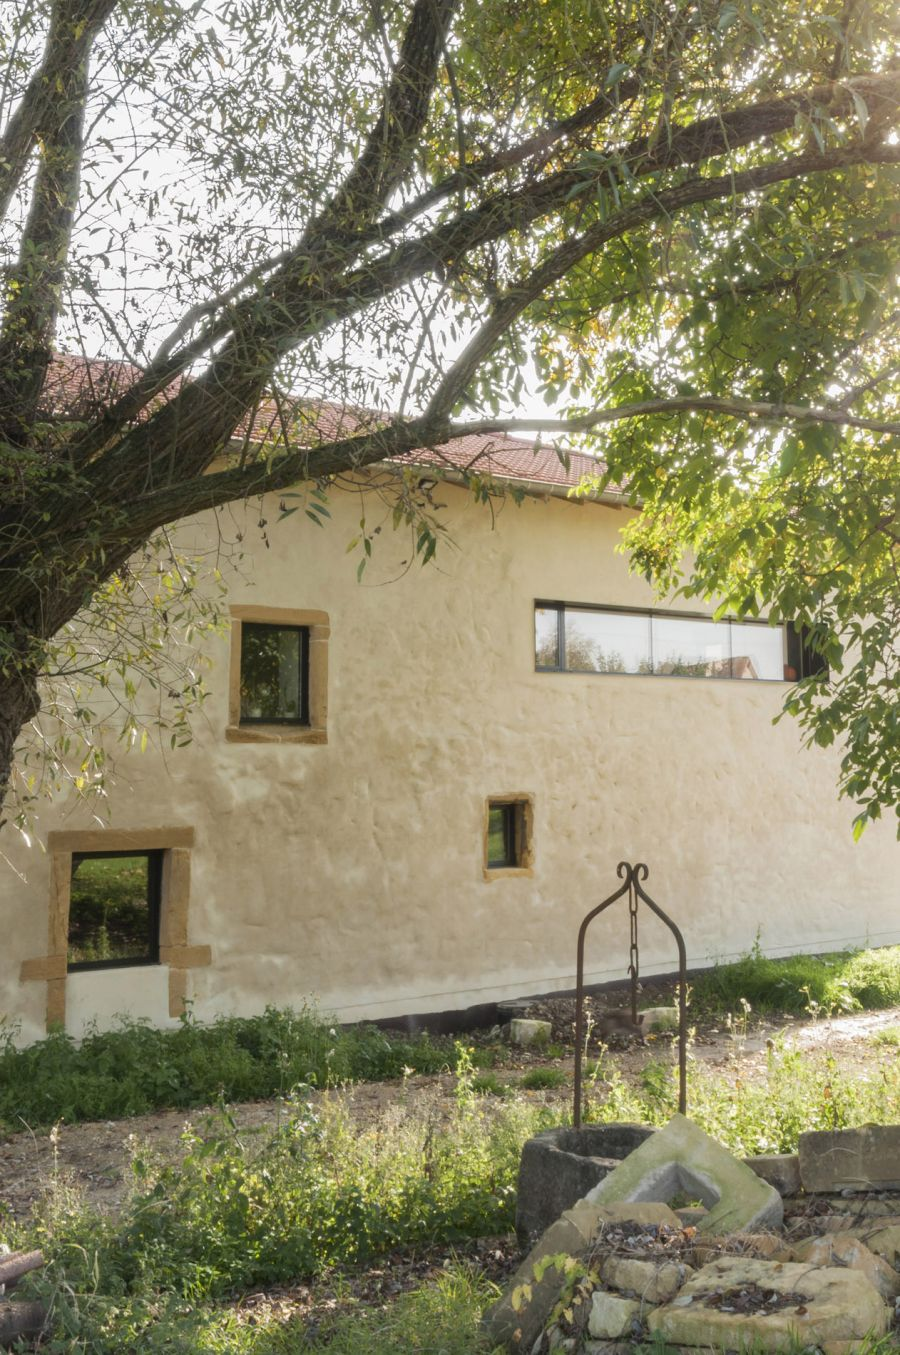 Rénovation d'un ancien moulin - Arch. Studiolada Architectes - Photo : Ludmilla Cerveny